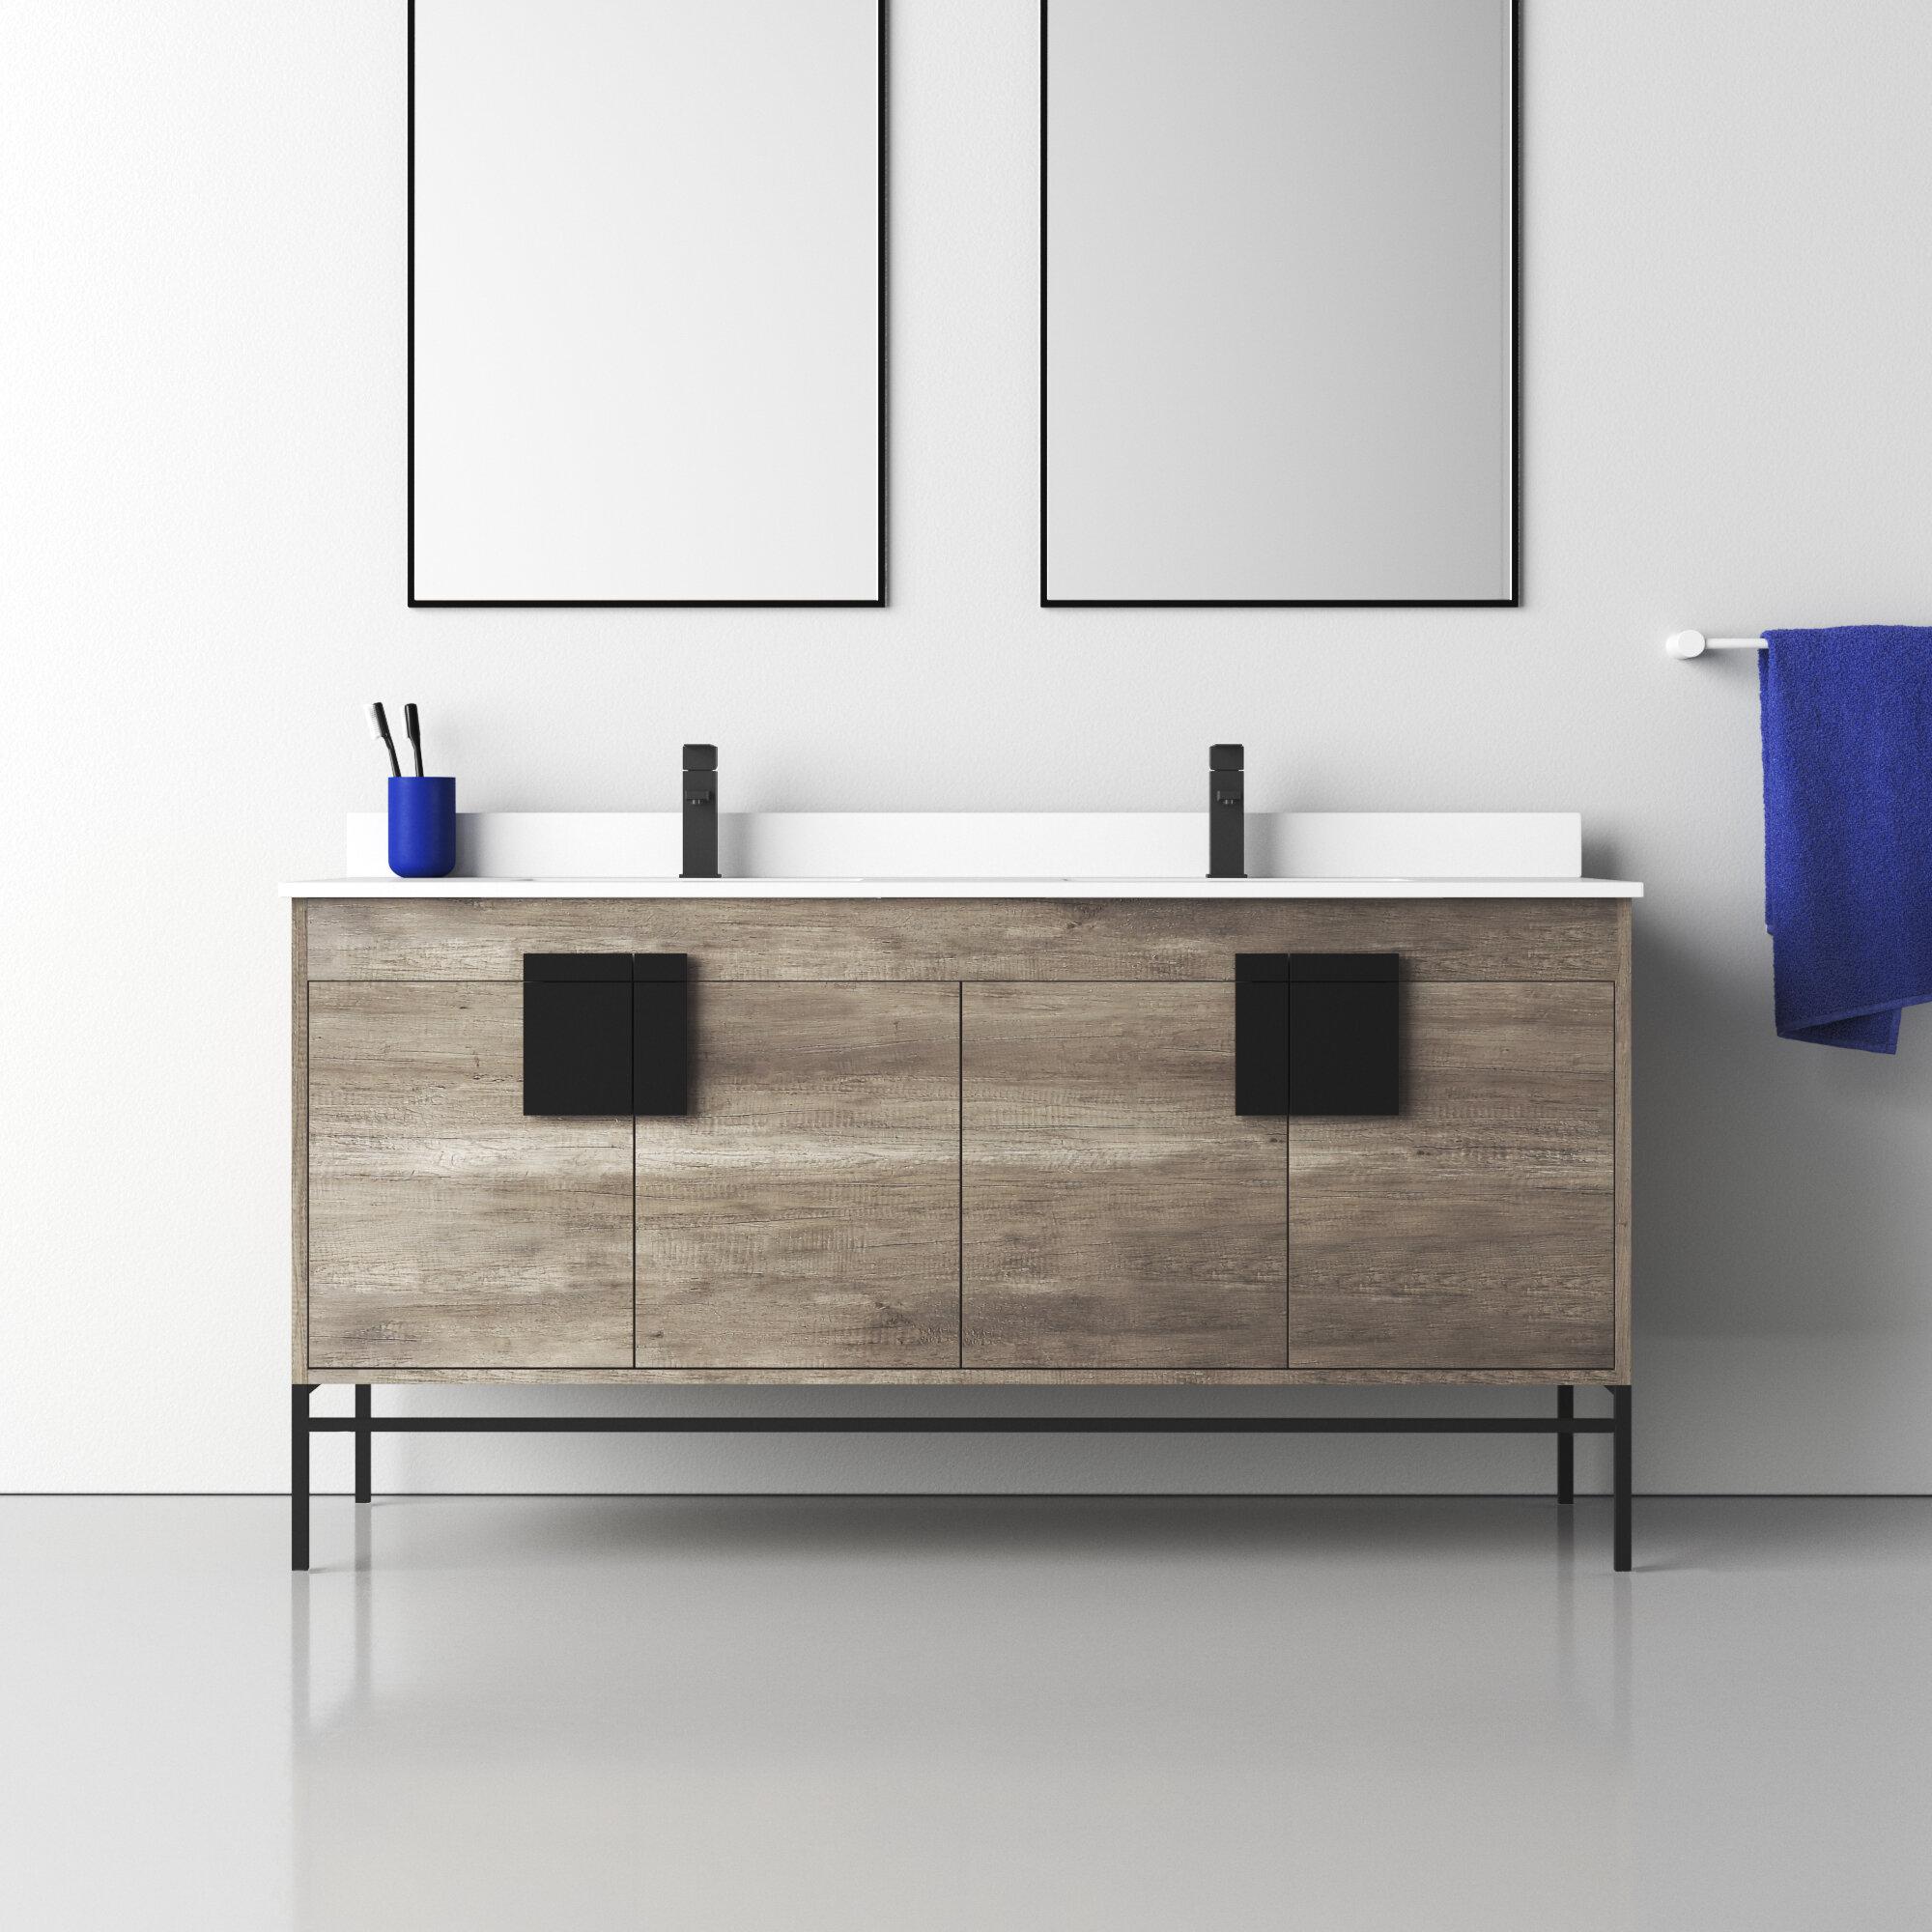 Allmodern Lee 60 Double Bathroom Vanity Set Reviews Wayfair